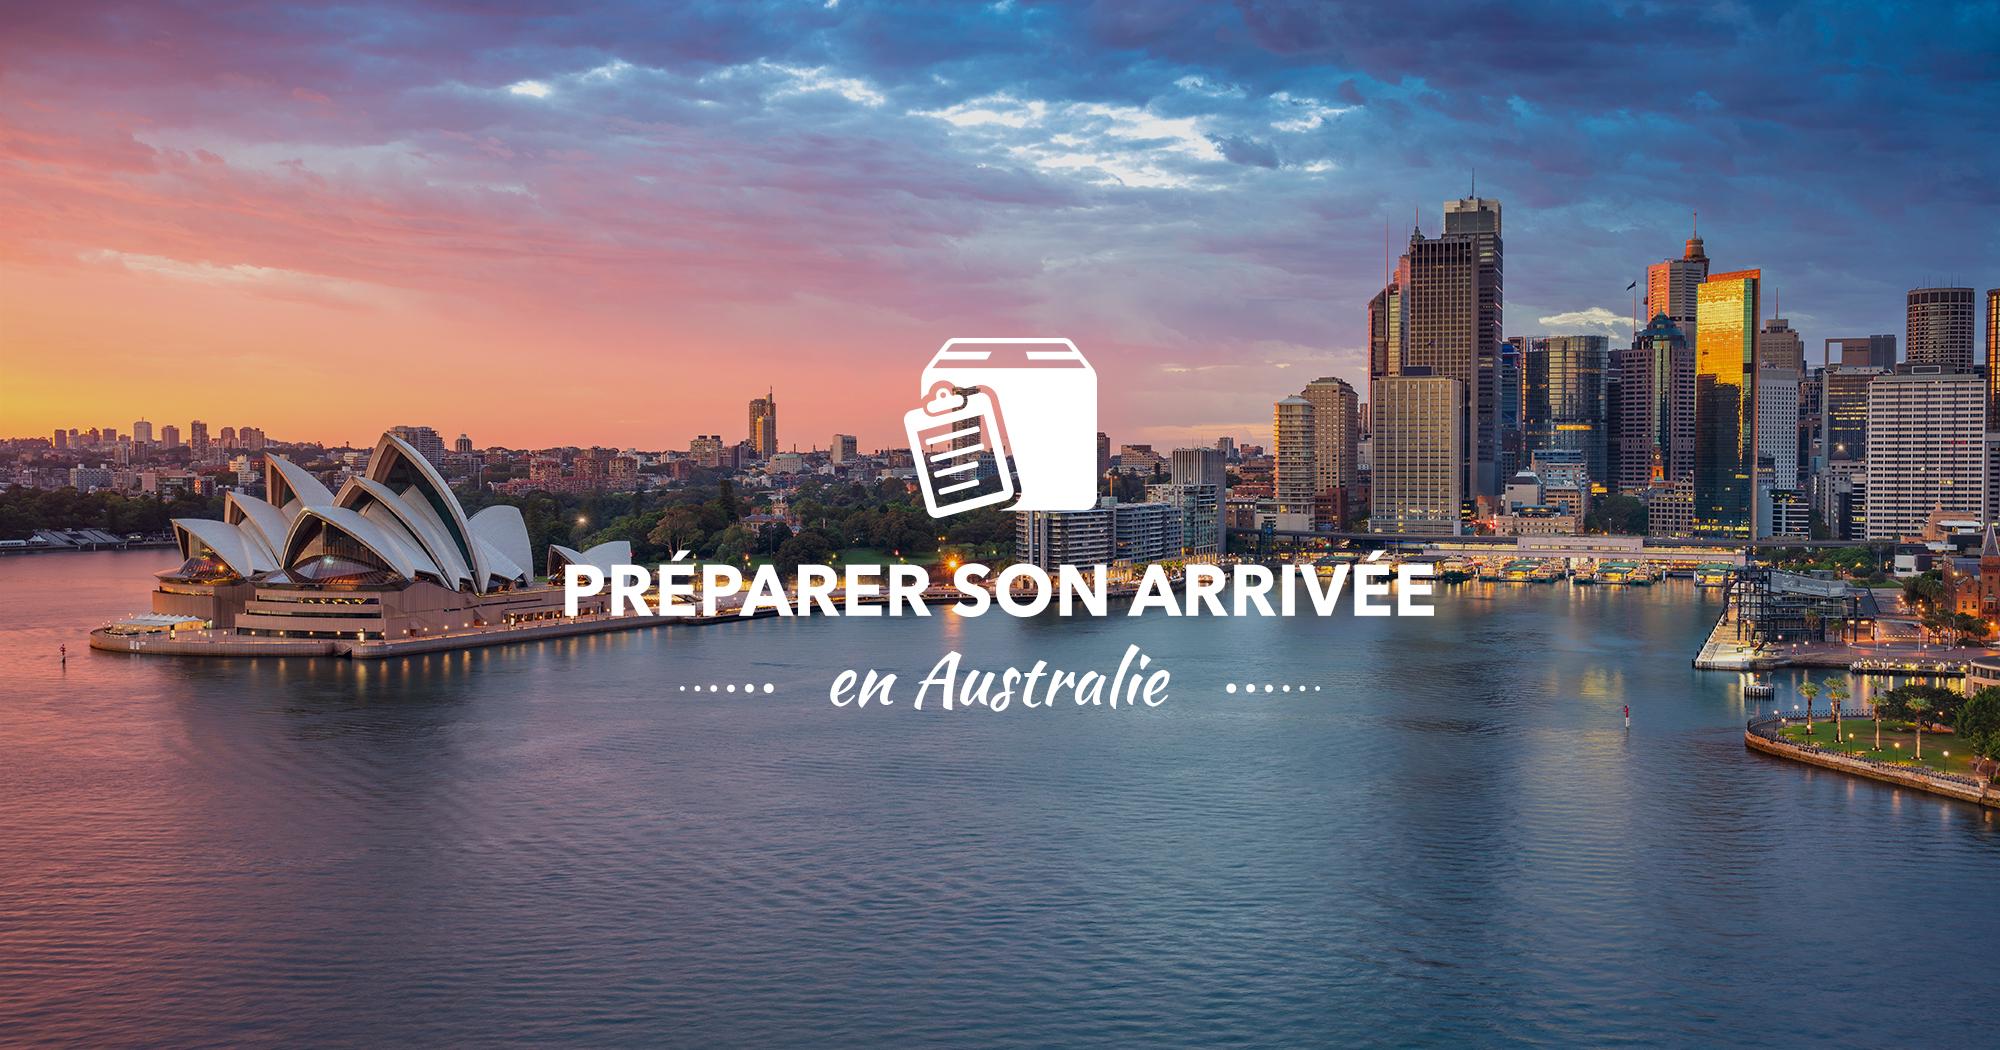 visuels-dossiers-whv-australie-preparer-son-arrivee